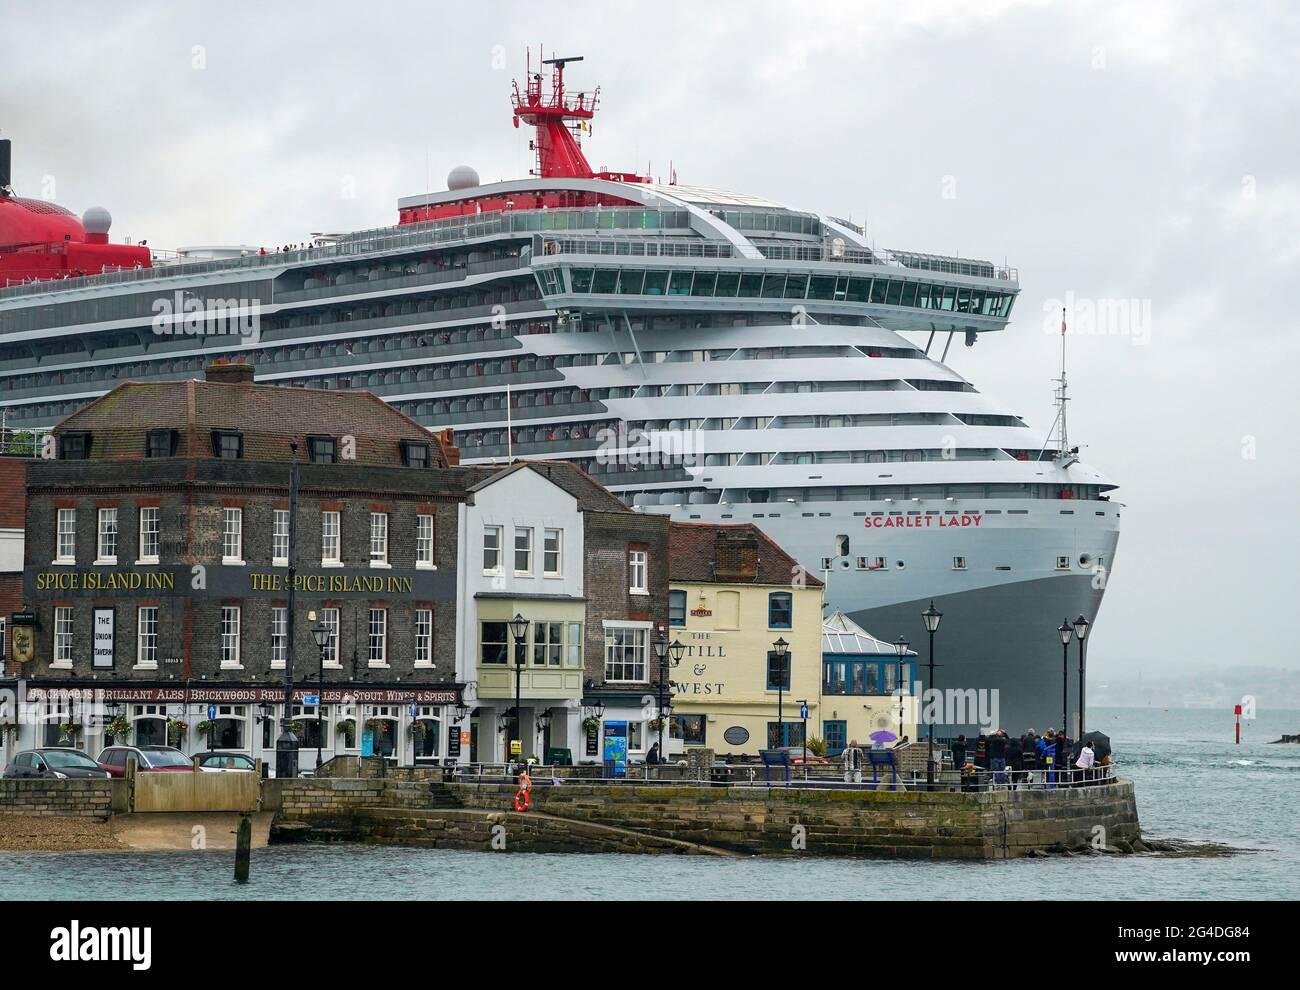 Das luxuriöse Kreuzfahrtschiff Scarlet Lady von Virgin Voyage kommt zum ersten Mal in Portsmouth an. Der 110,000-Tonnen-Liner ist das größte Schiff, das jemals in der Stadt angedockt hat, größer als die beiden Flugzeugträger der Royal Navy. Bilddatum: Montag, 21. Juni 2021. Stockfoto